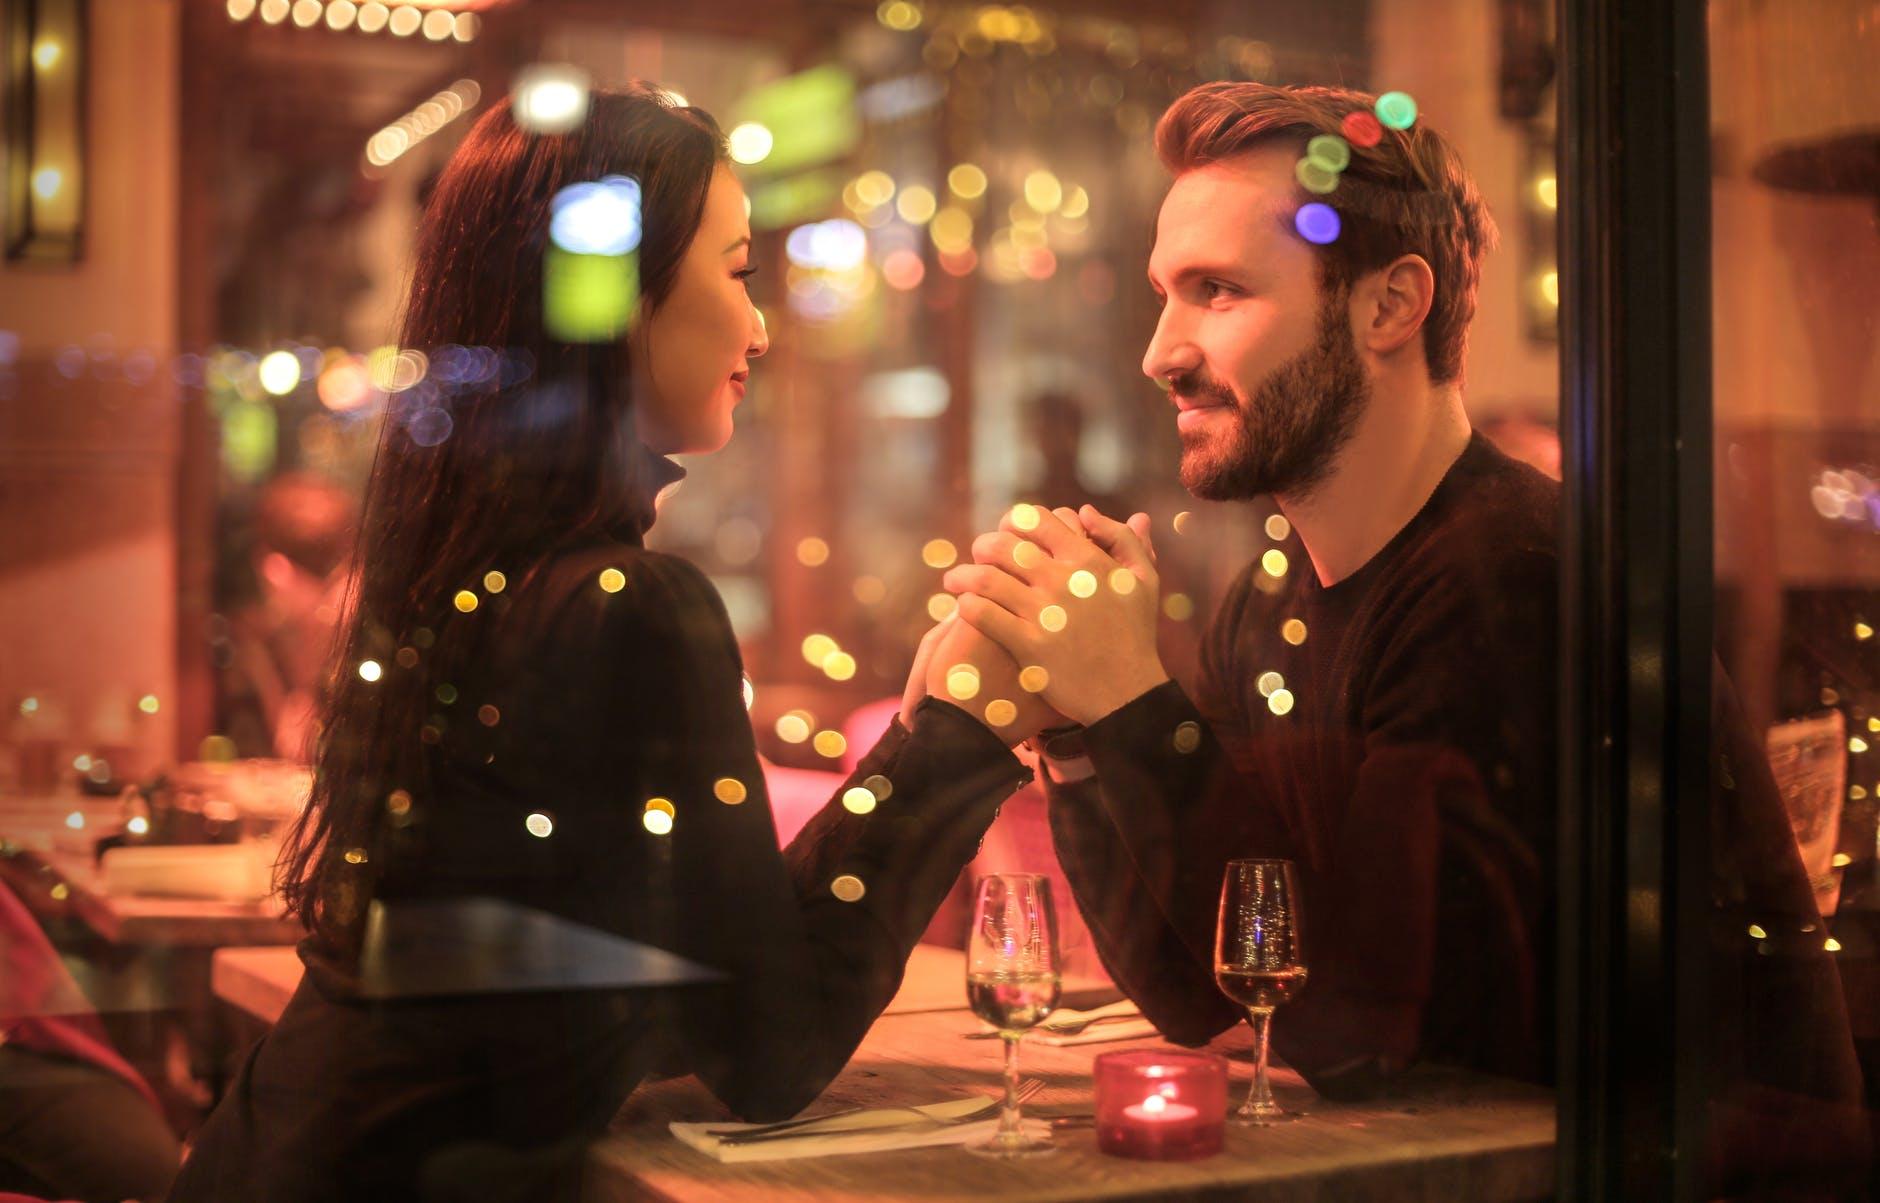 原來是有 「愛情特效藥」之稱的「催產素」分泌量減少的關係。 9日國際學術誌 「社會神經科學學會」刊登的論文中指出, 當分泌催產素時,與陌生人有效溝通的比率將提高30%, 在神經細胞作用下的催產素,有助於降低緊張感, 同時活化會帶來幸福感的 「血清素」